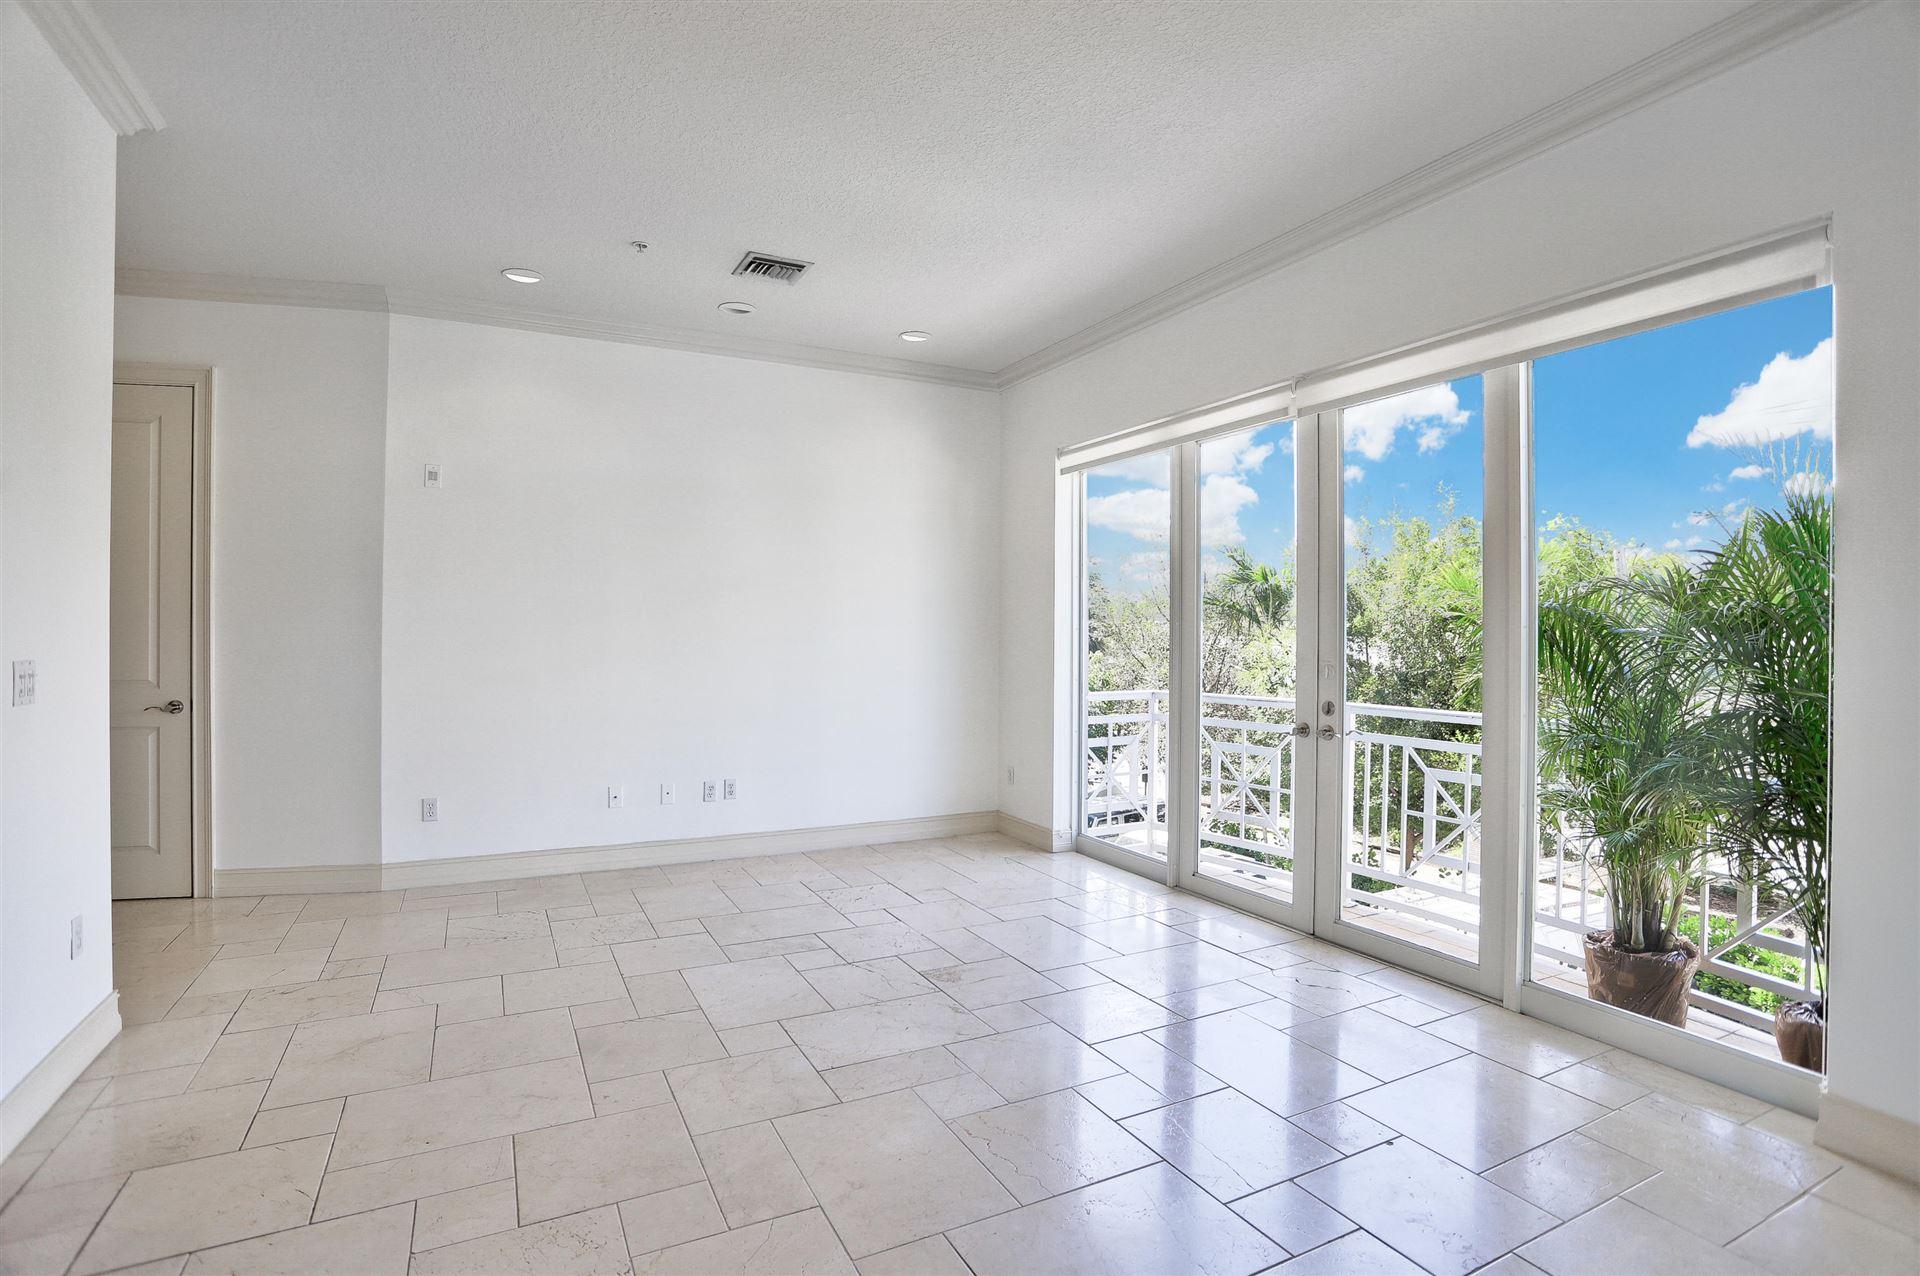 12 SE 1st Avenue #204, Delray Beach, FL 33444 - #: RX-10596440